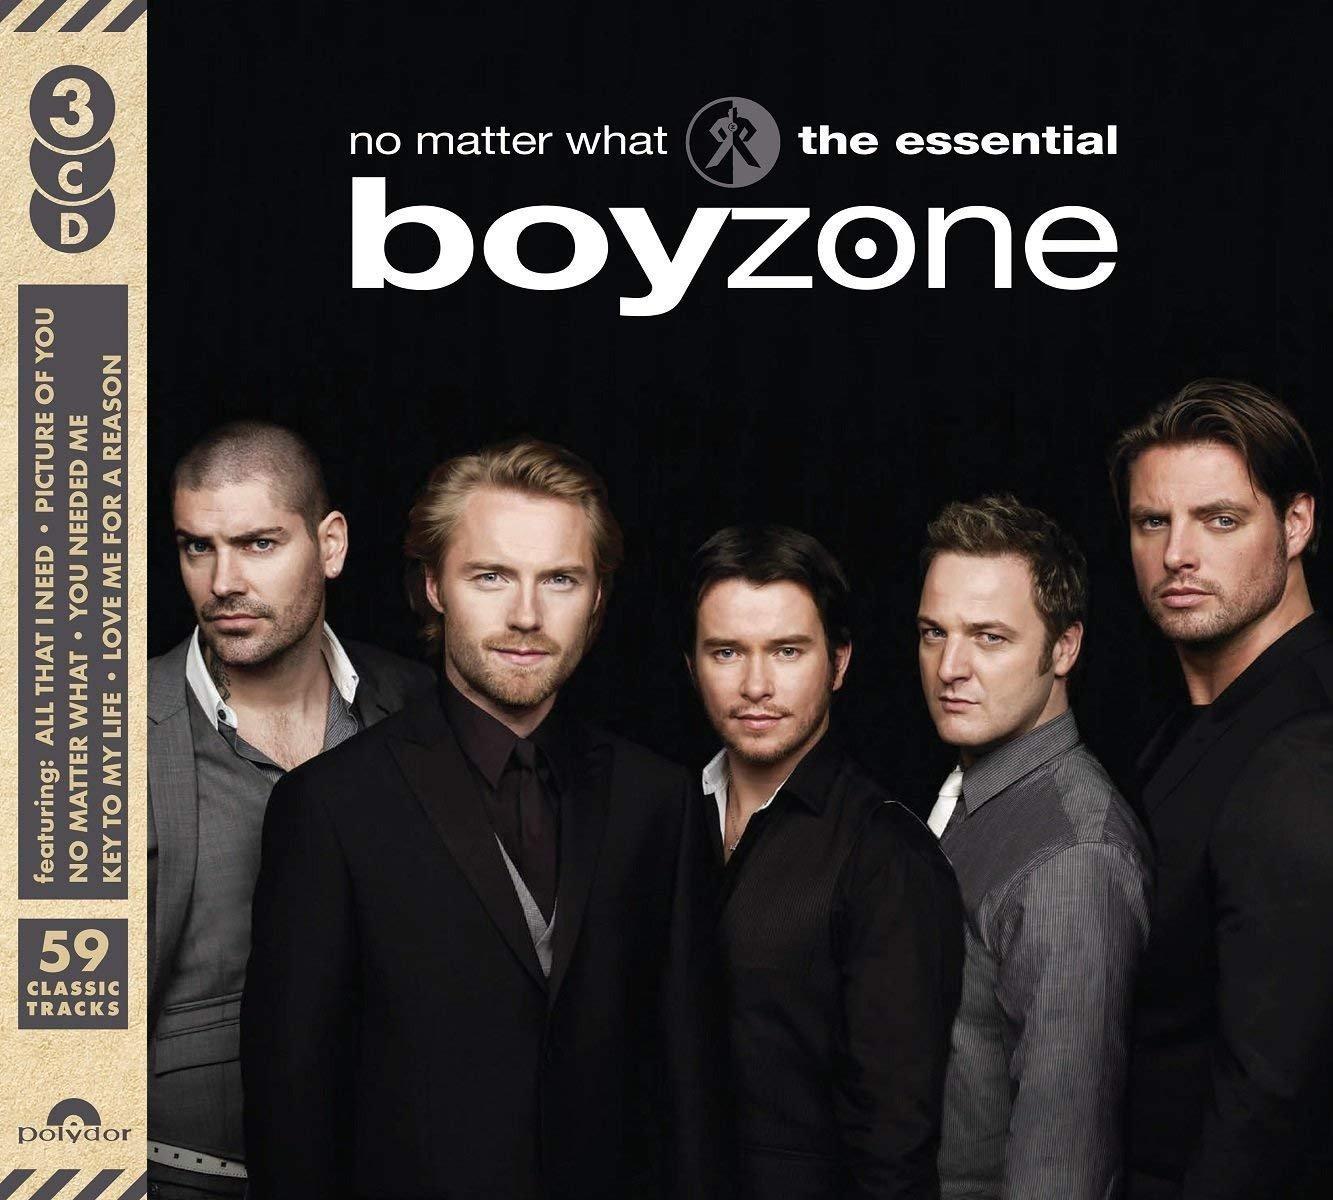 歐版3CD《男孩特區》精選專輯全59首 /No Matter What: The Essential Boyzone全新